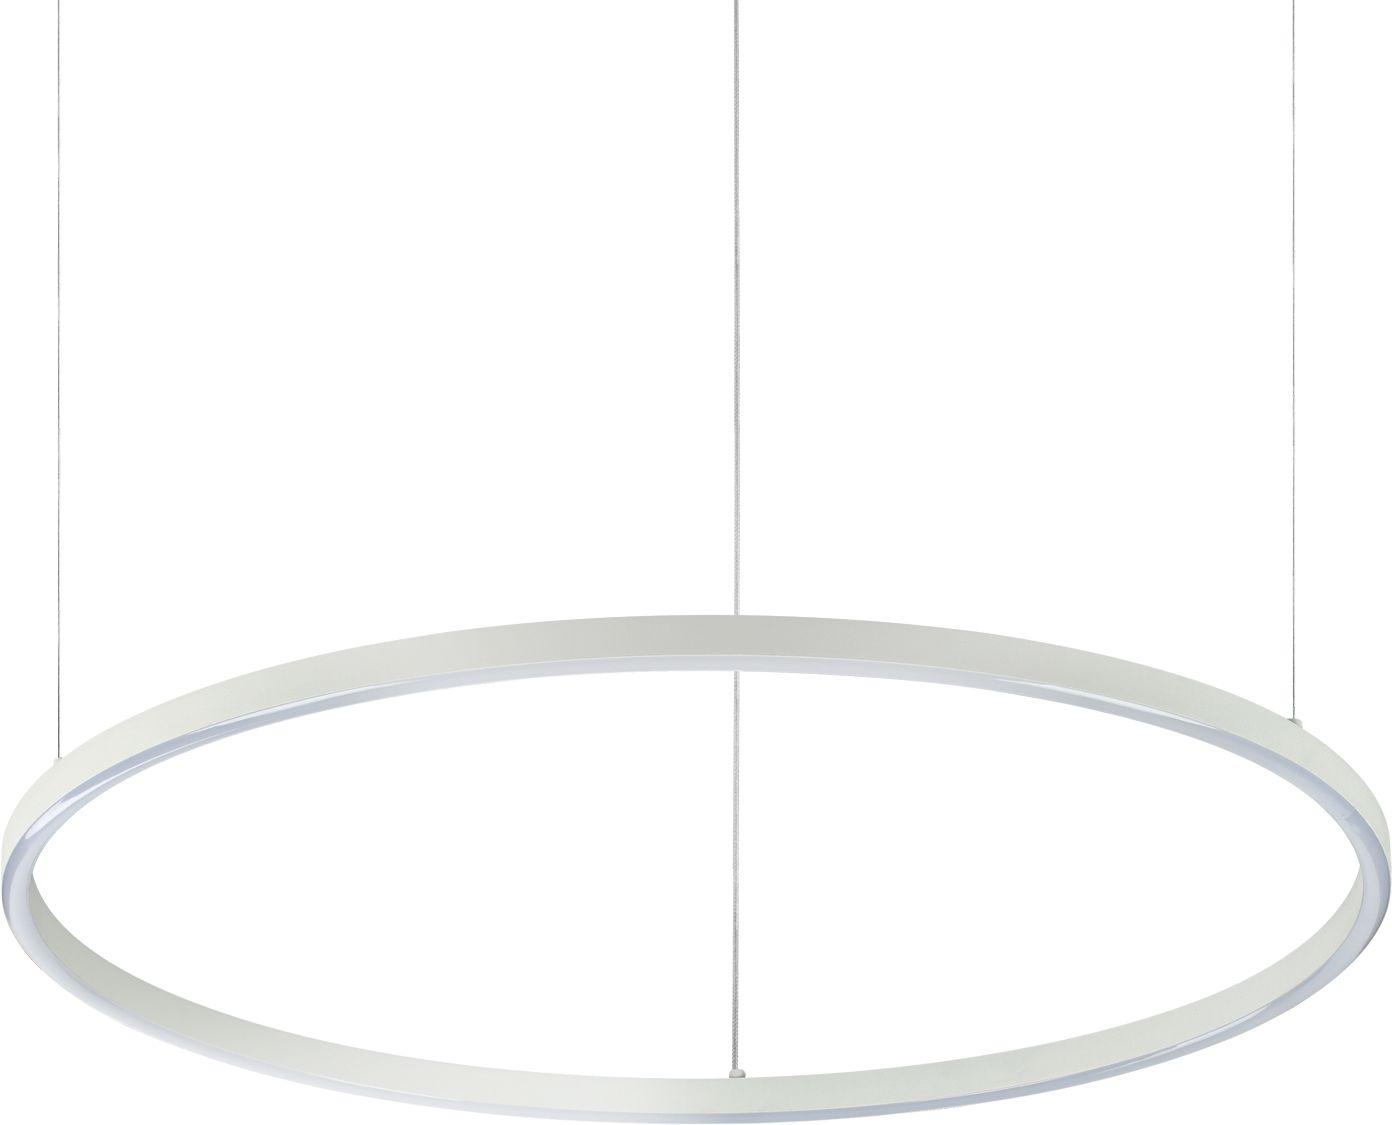 Lampa wisząca Oracle Slim 229485 Ideal Lux nowoczesna oprawa w kolorze białym